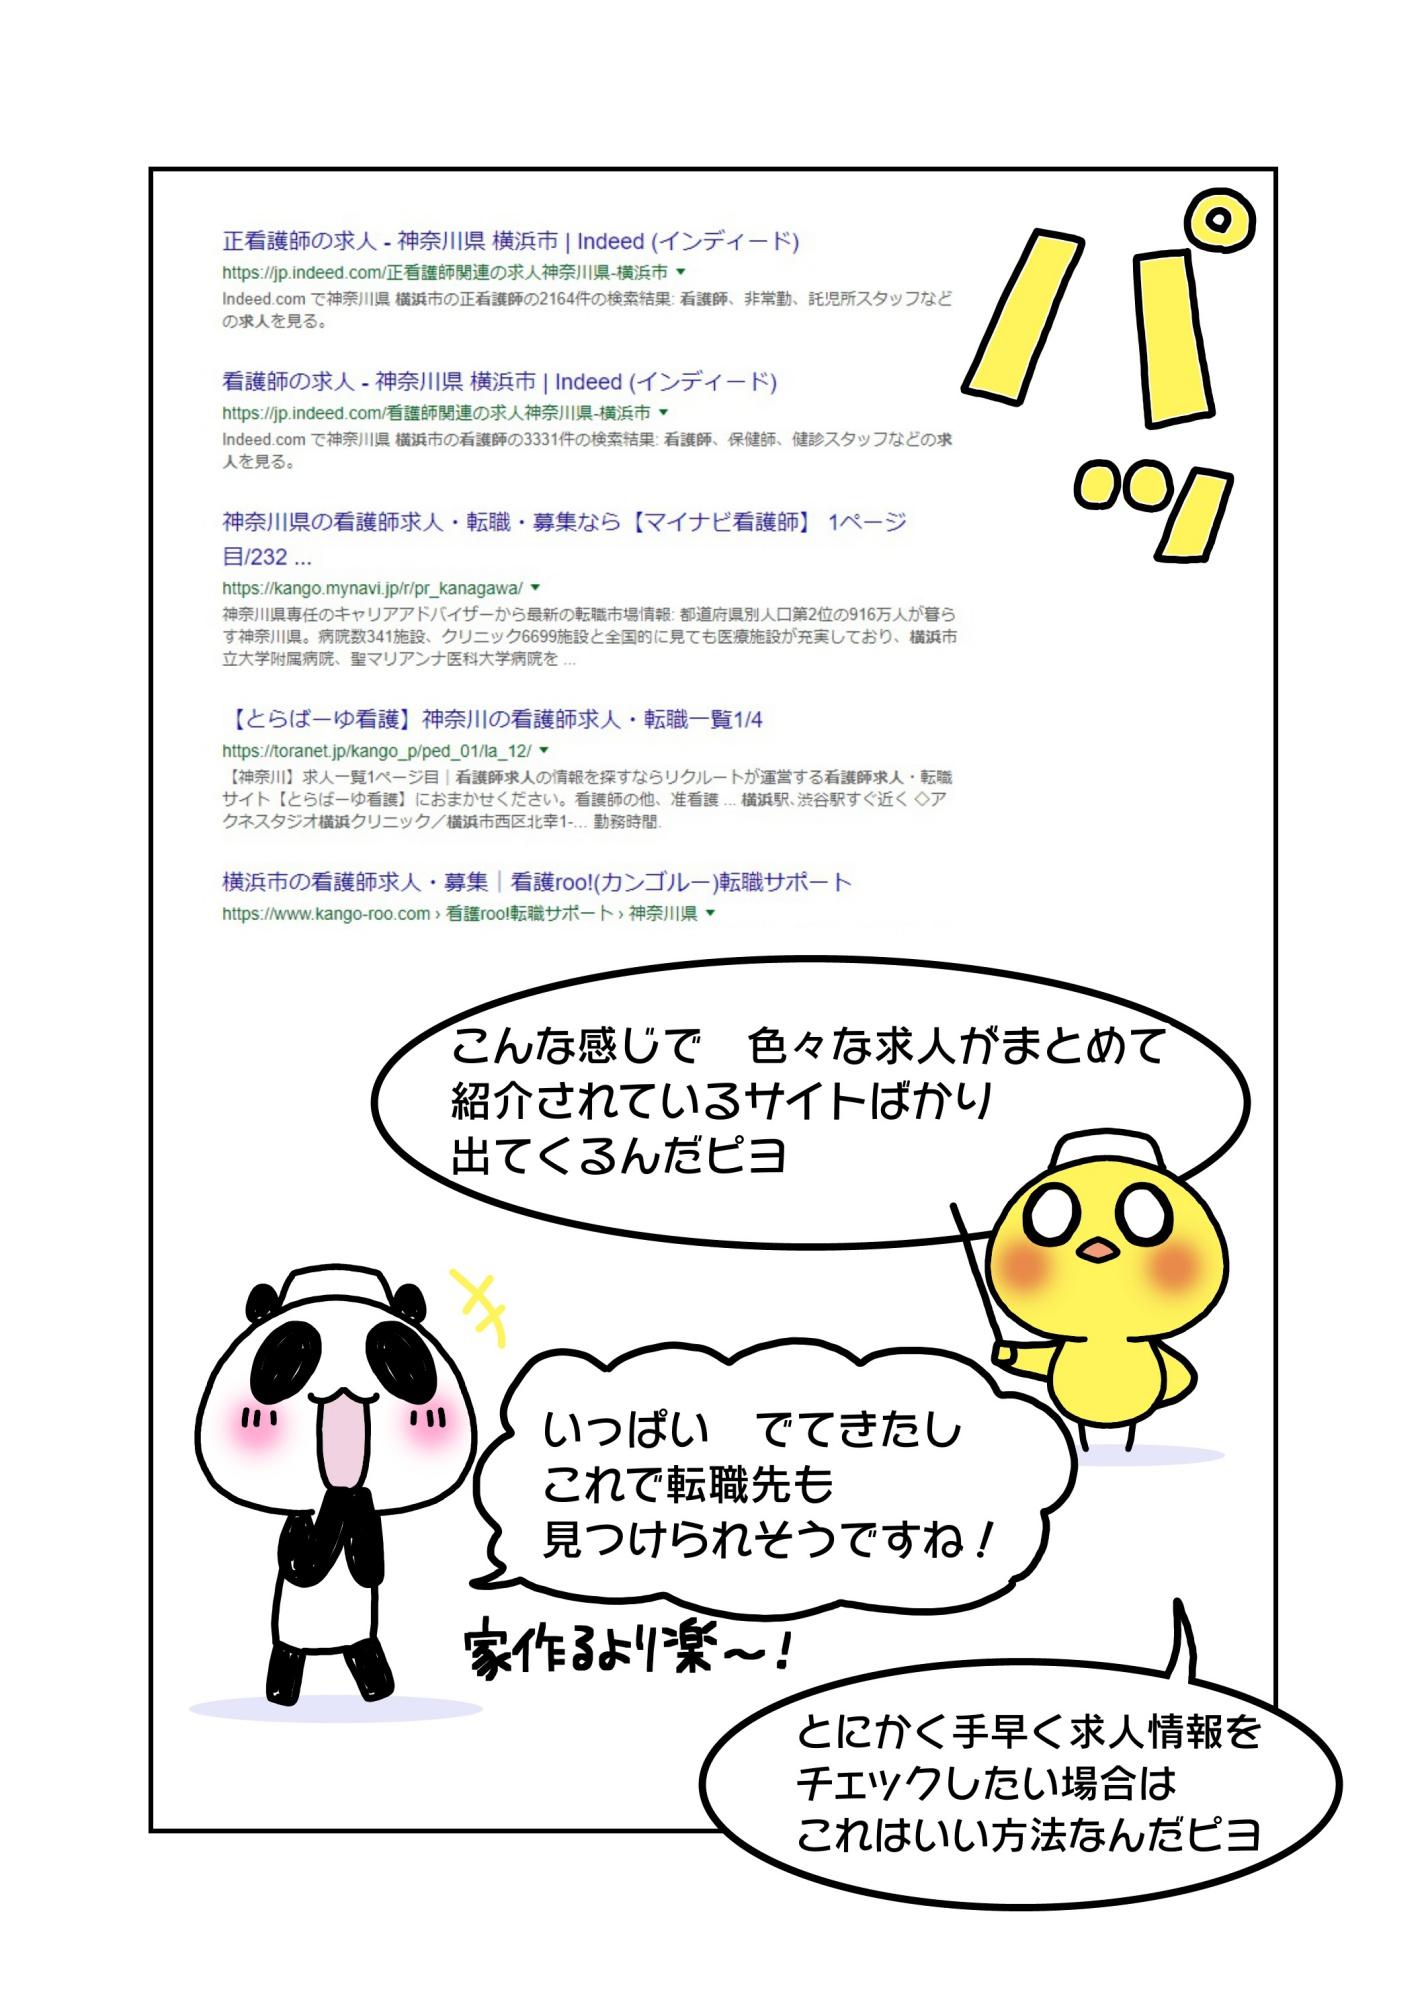 「グーグルで【地域名+看護師求人】で探す」マンガ2ページ